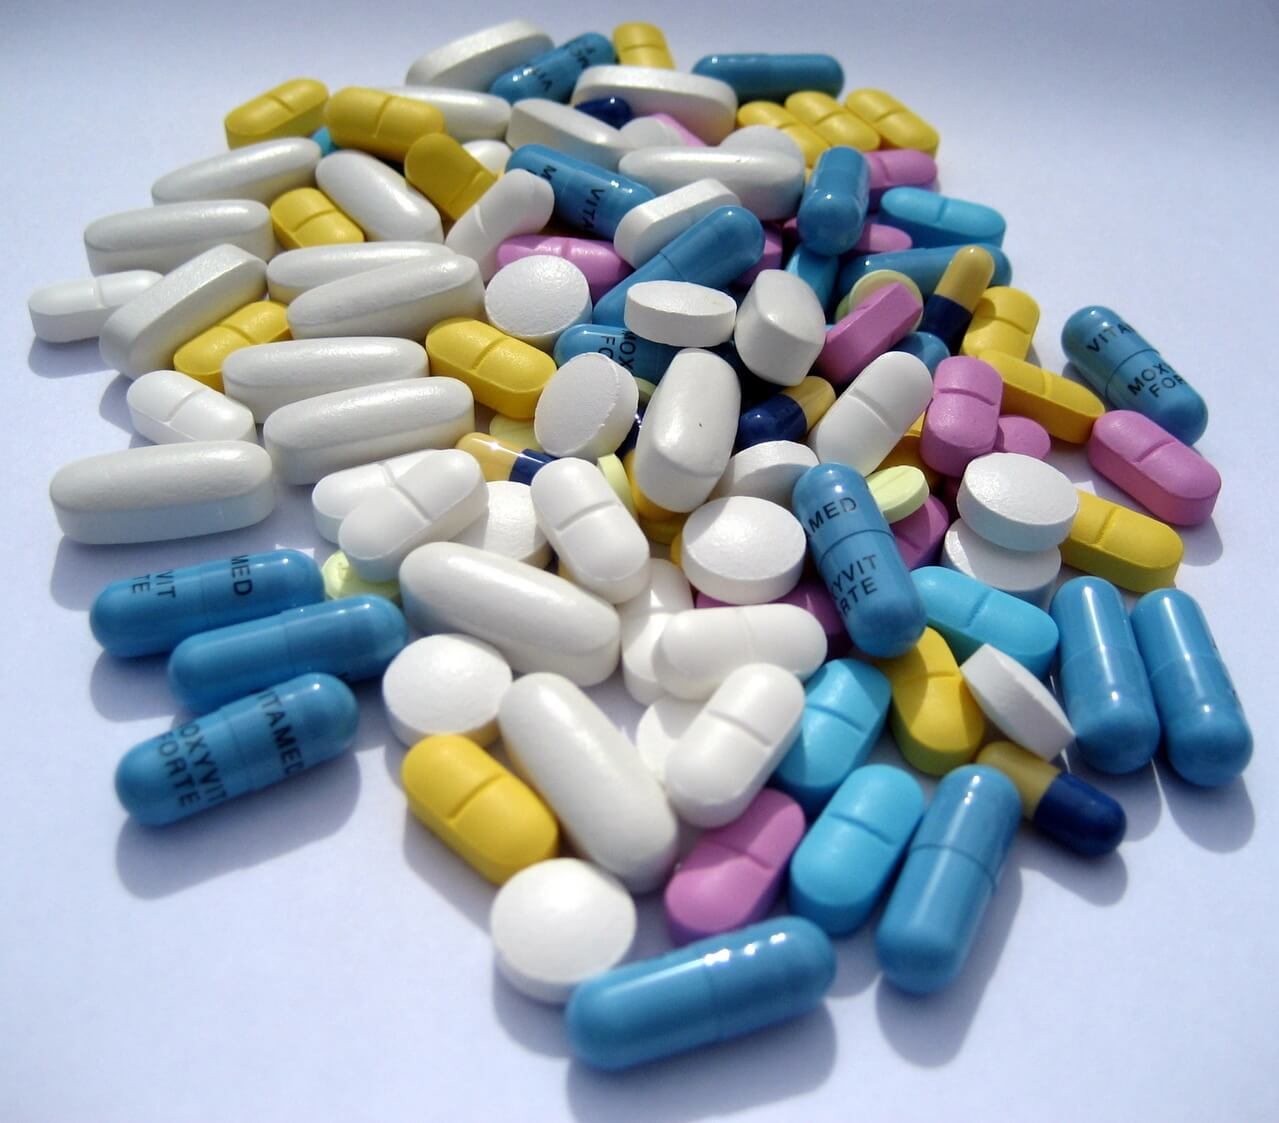 Применение иных препаратов